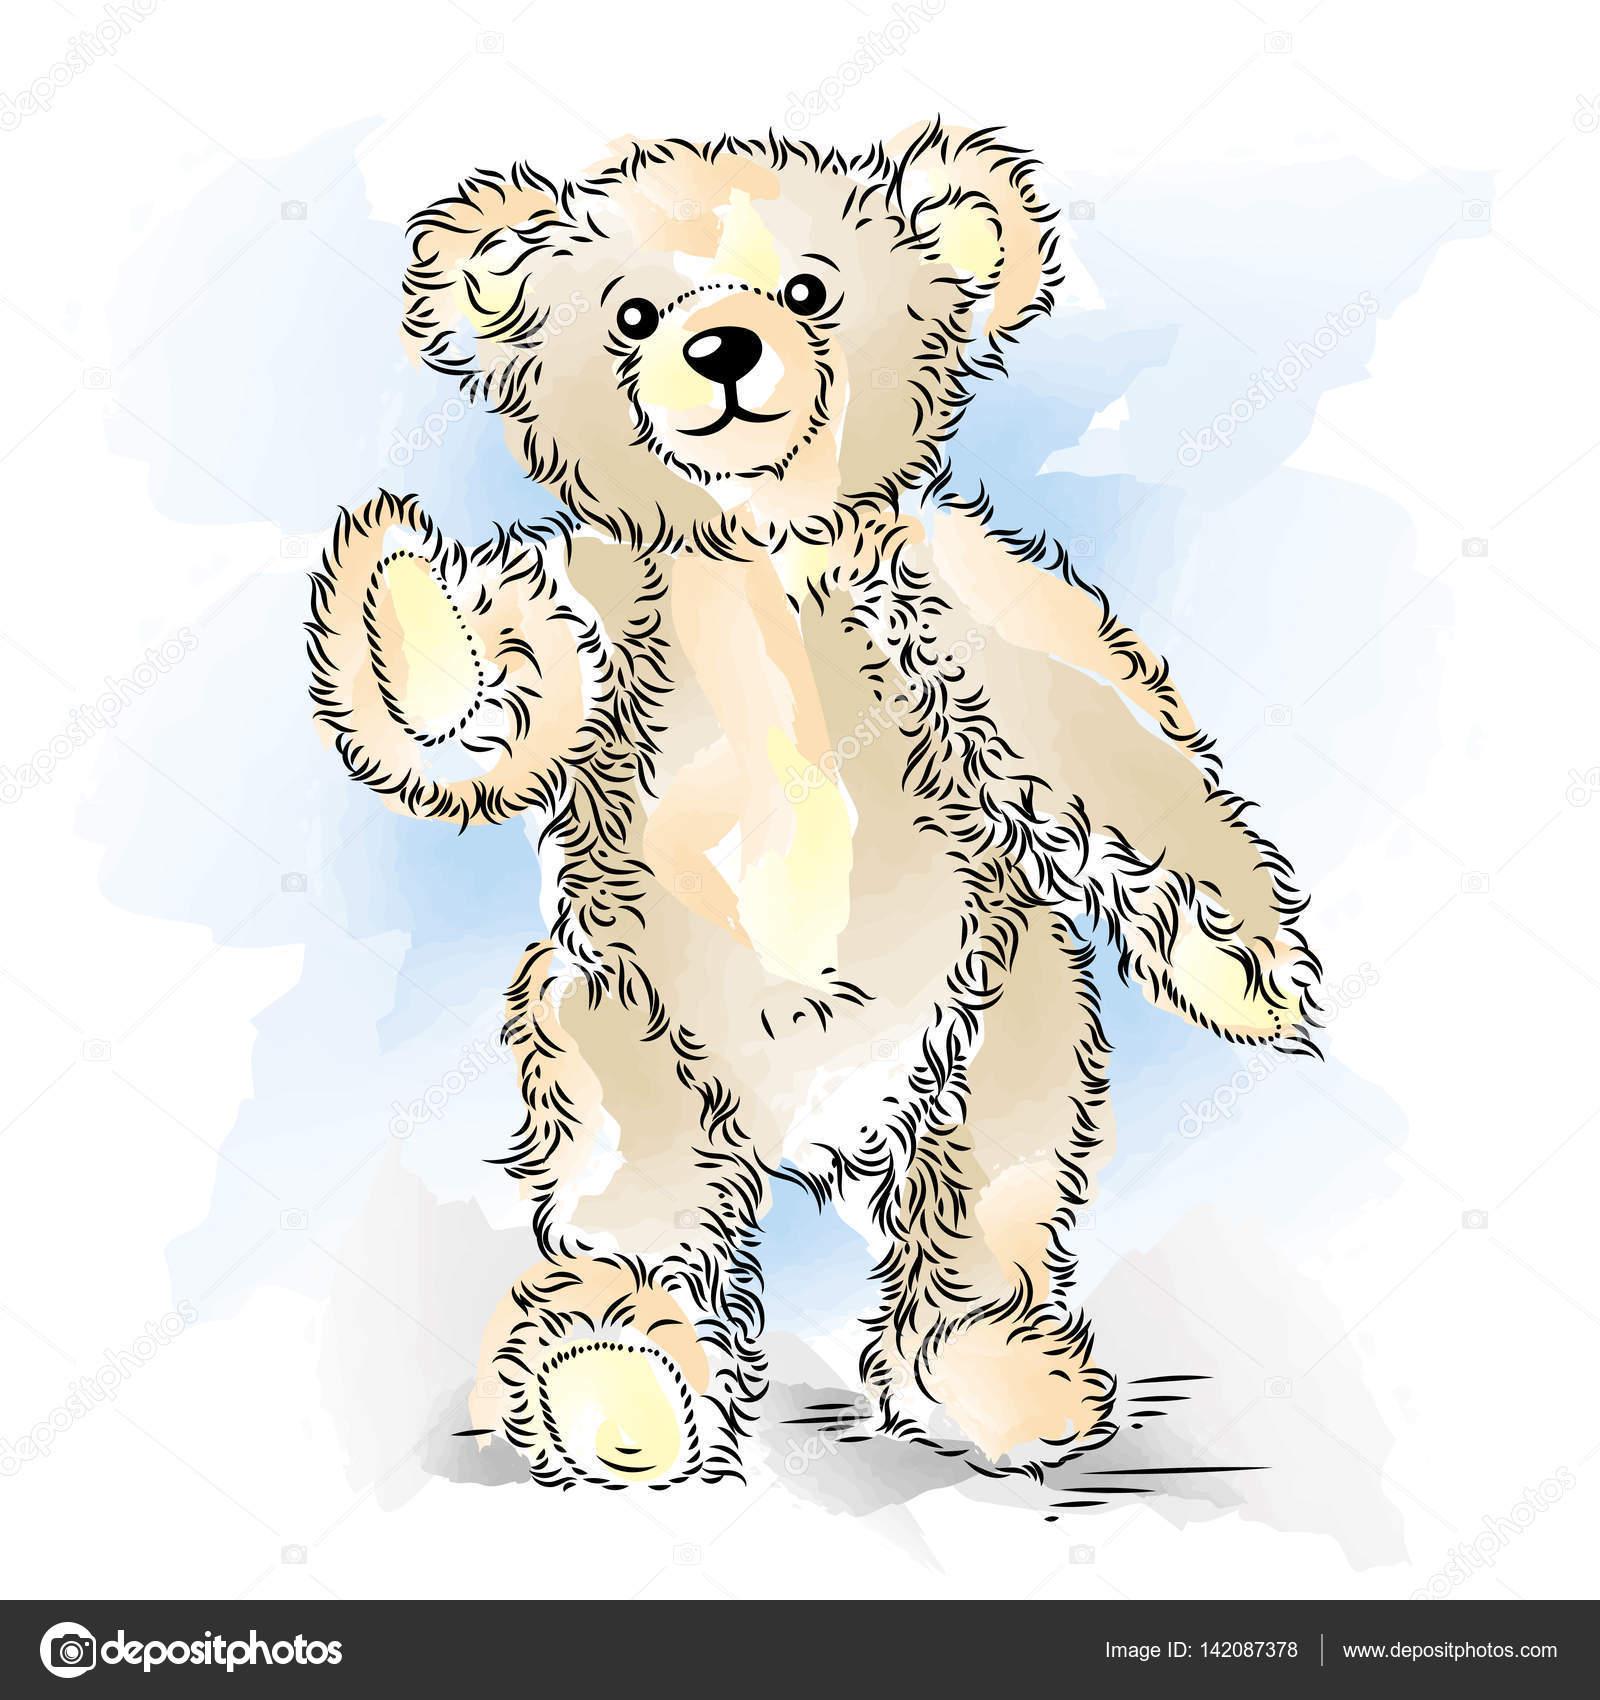 Dessin ours en peluche illustration vectorielle de couleur image vectorielle mirumur 142087378 - Dessin ours en peluche ...